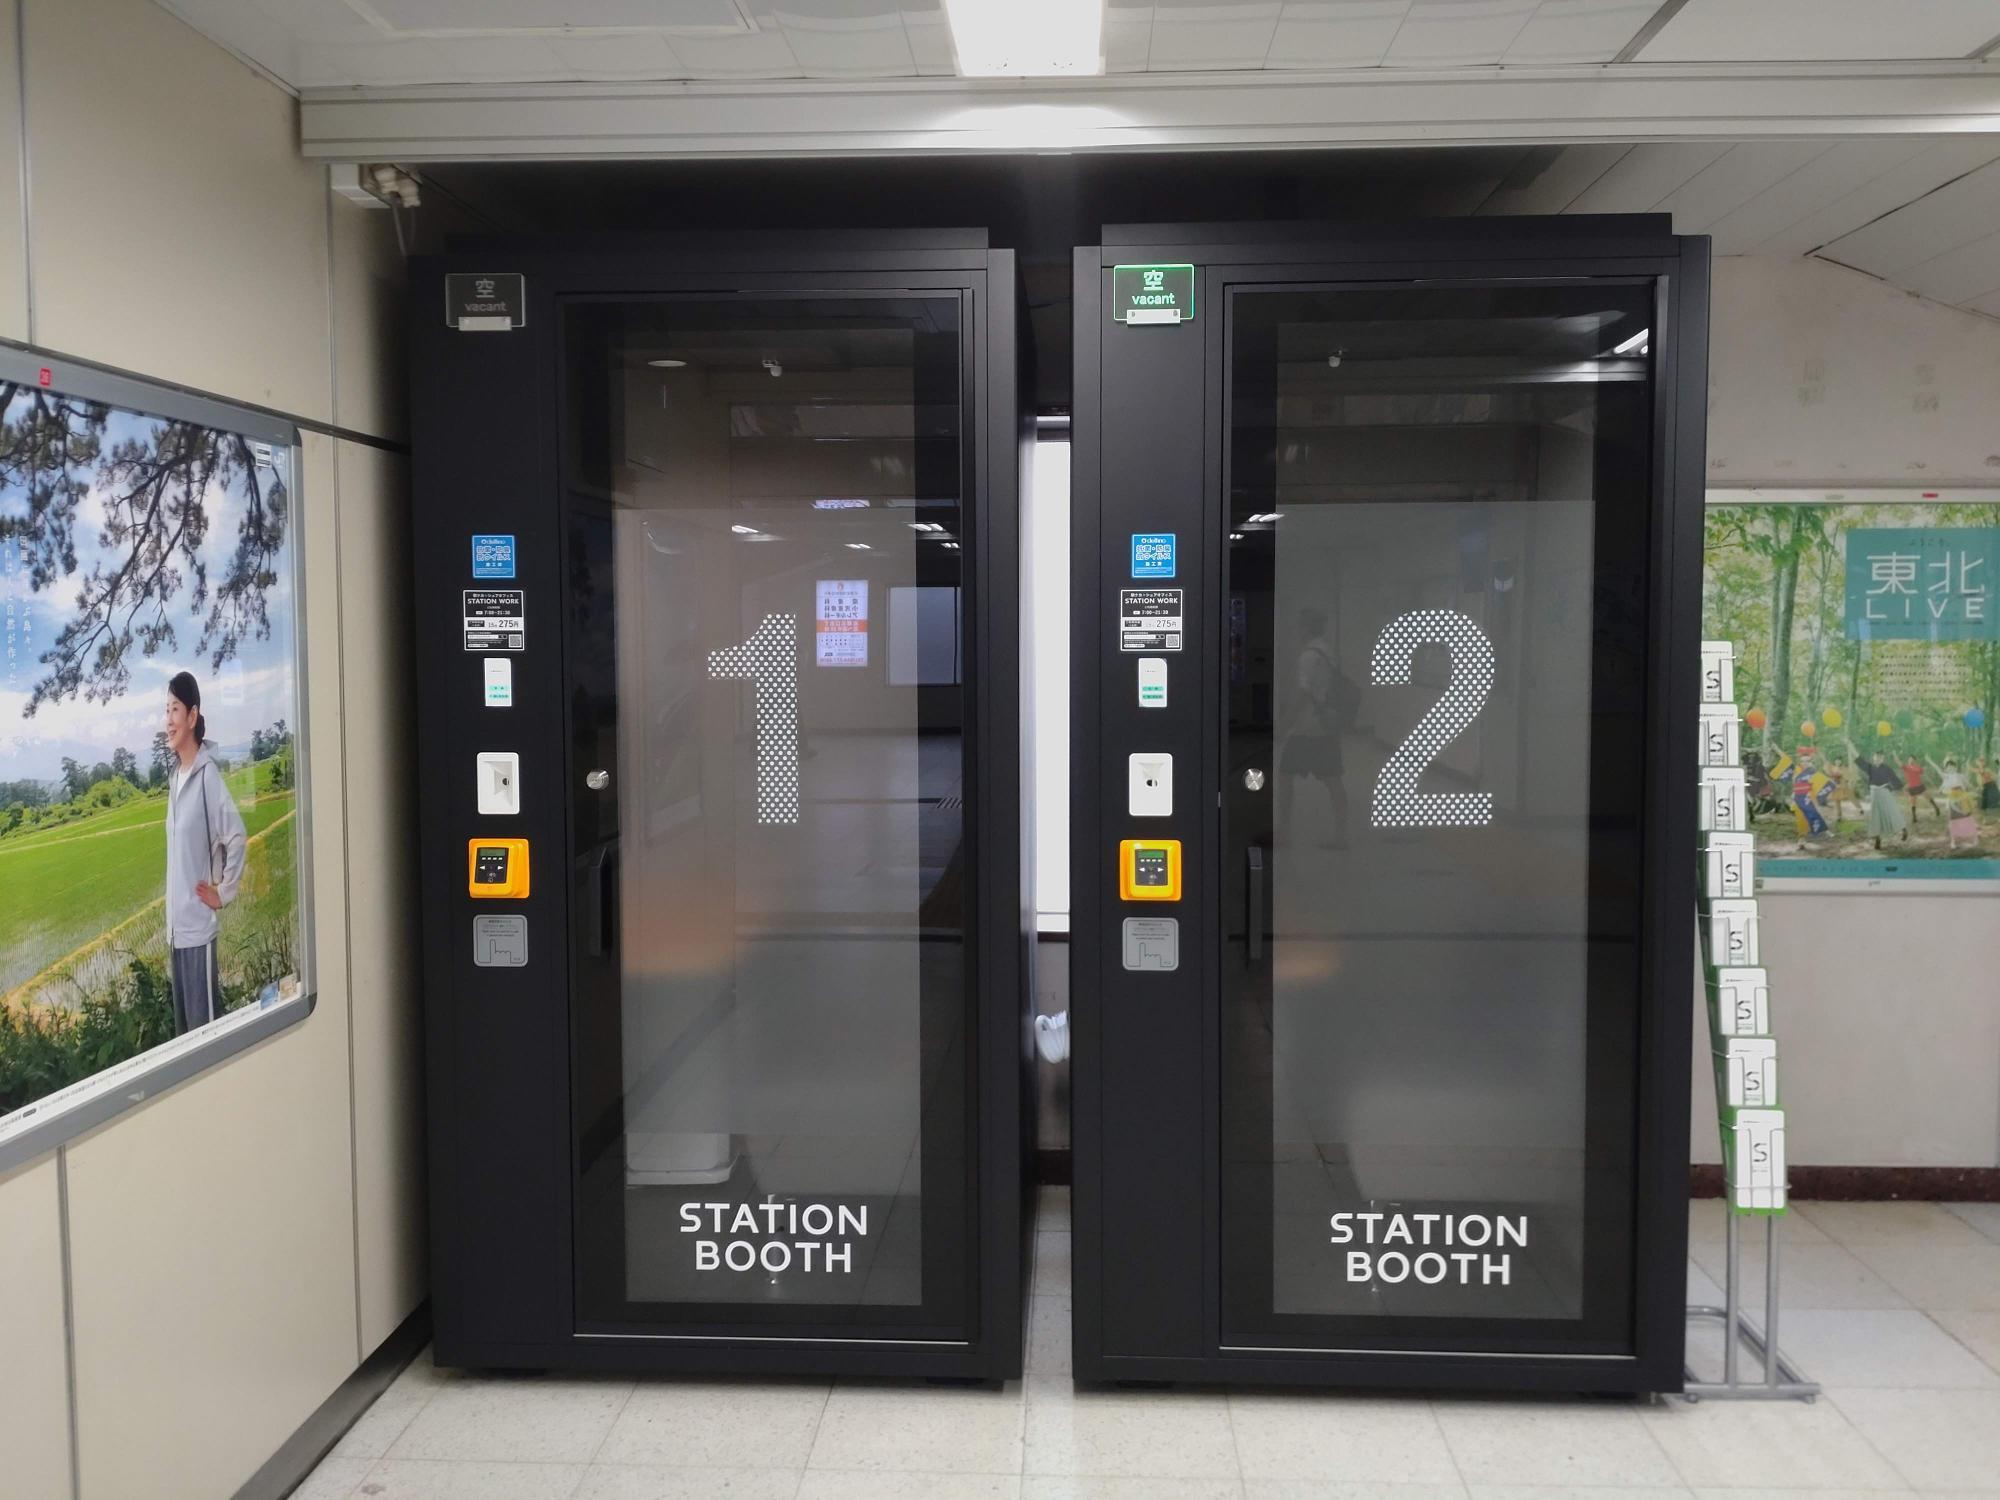 武蔵新城駅は2ブース